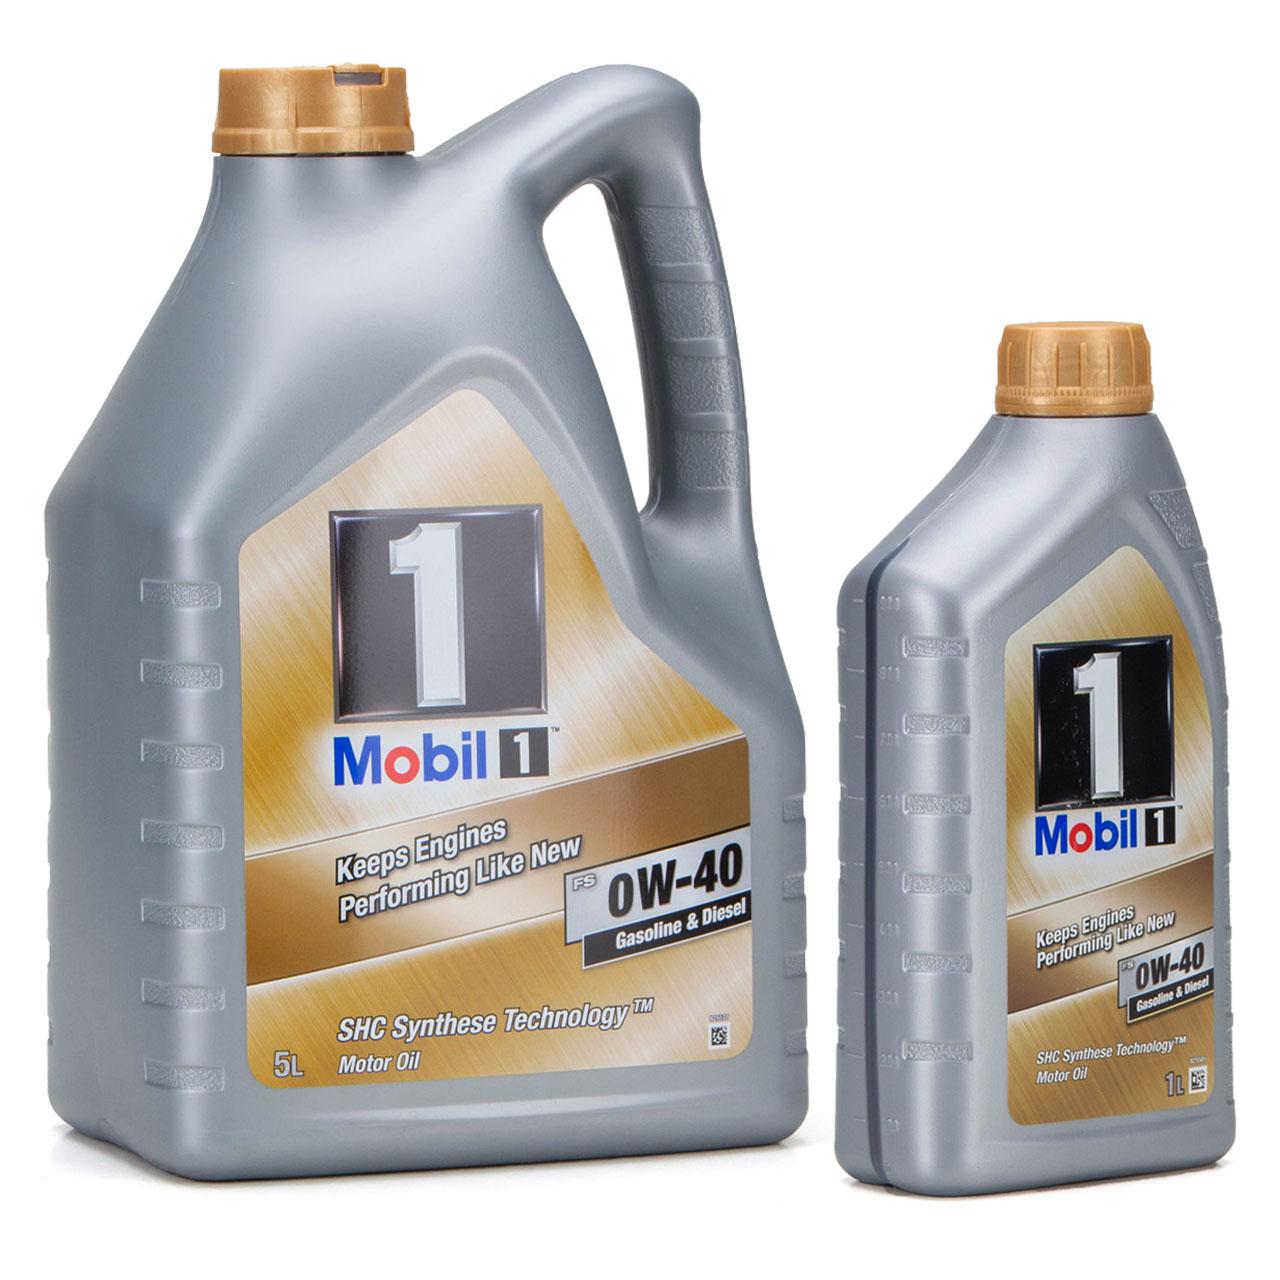 Mobil 1 FS Motoröl Öl 0W-40 0W40 MB PORSCHE A40 VW 502.00 505.00 - 6L 6 Liter